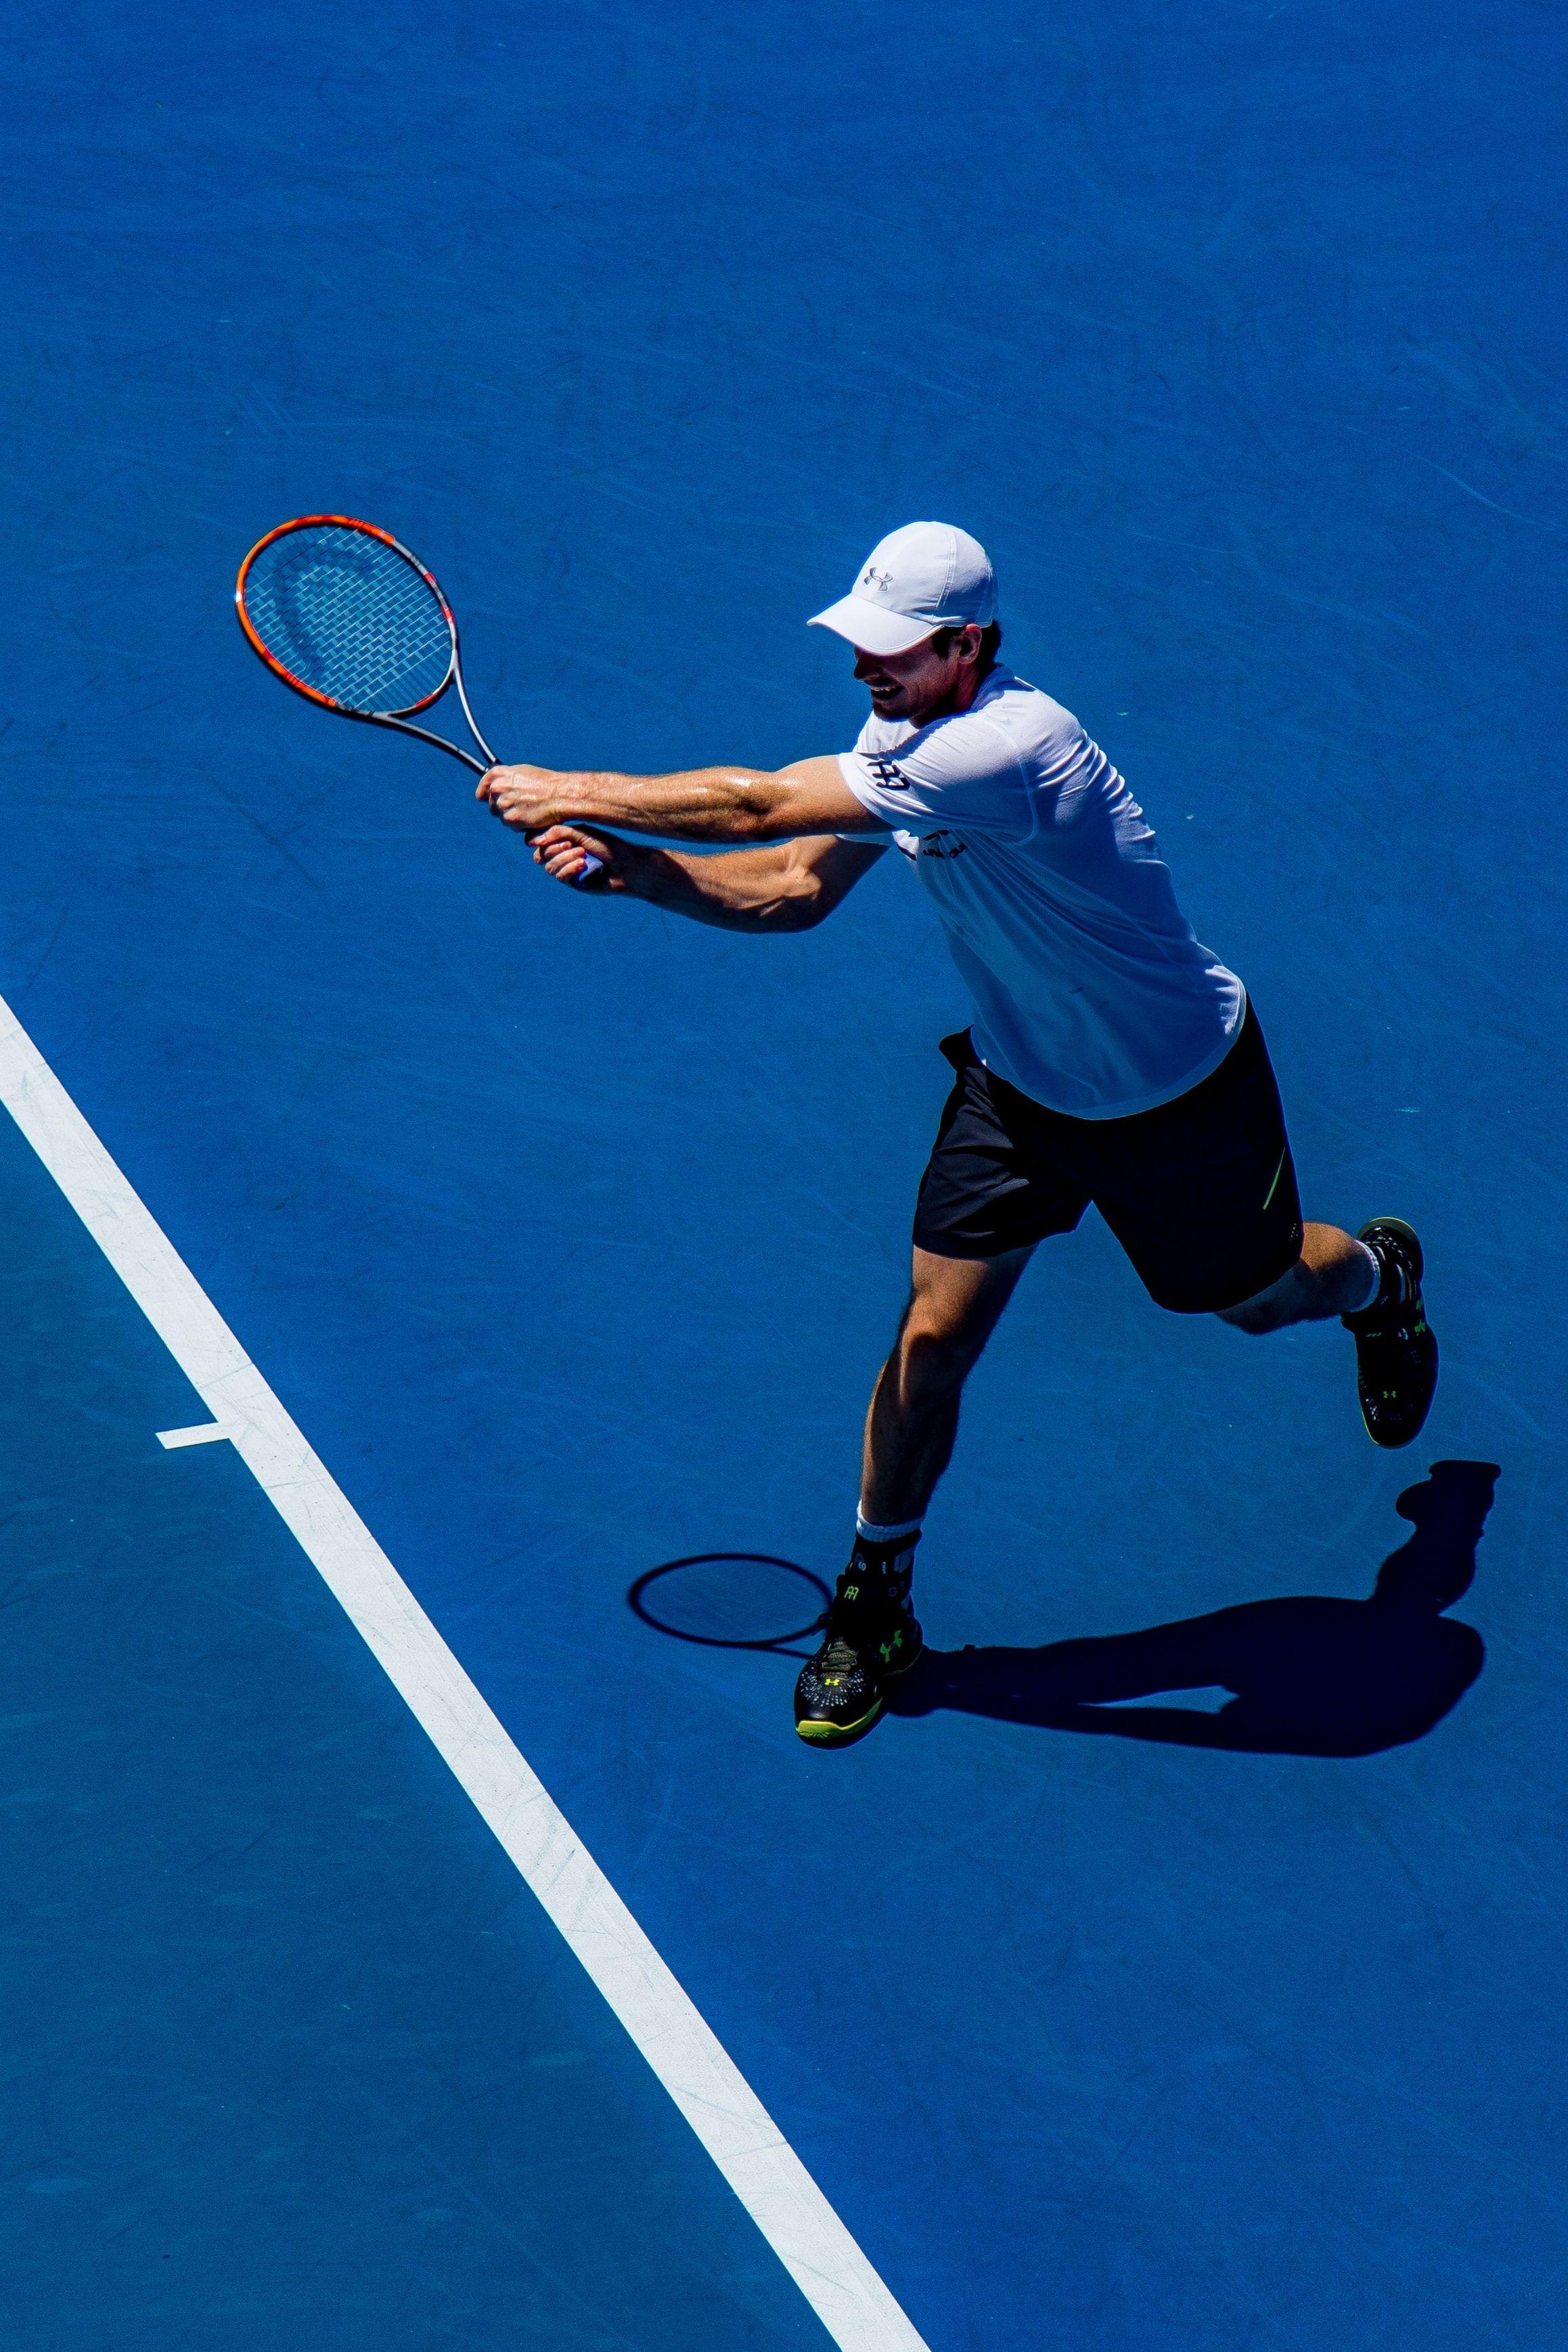 20 Sport Wallpaper Tennis Tennis Players Sports Wallpapers